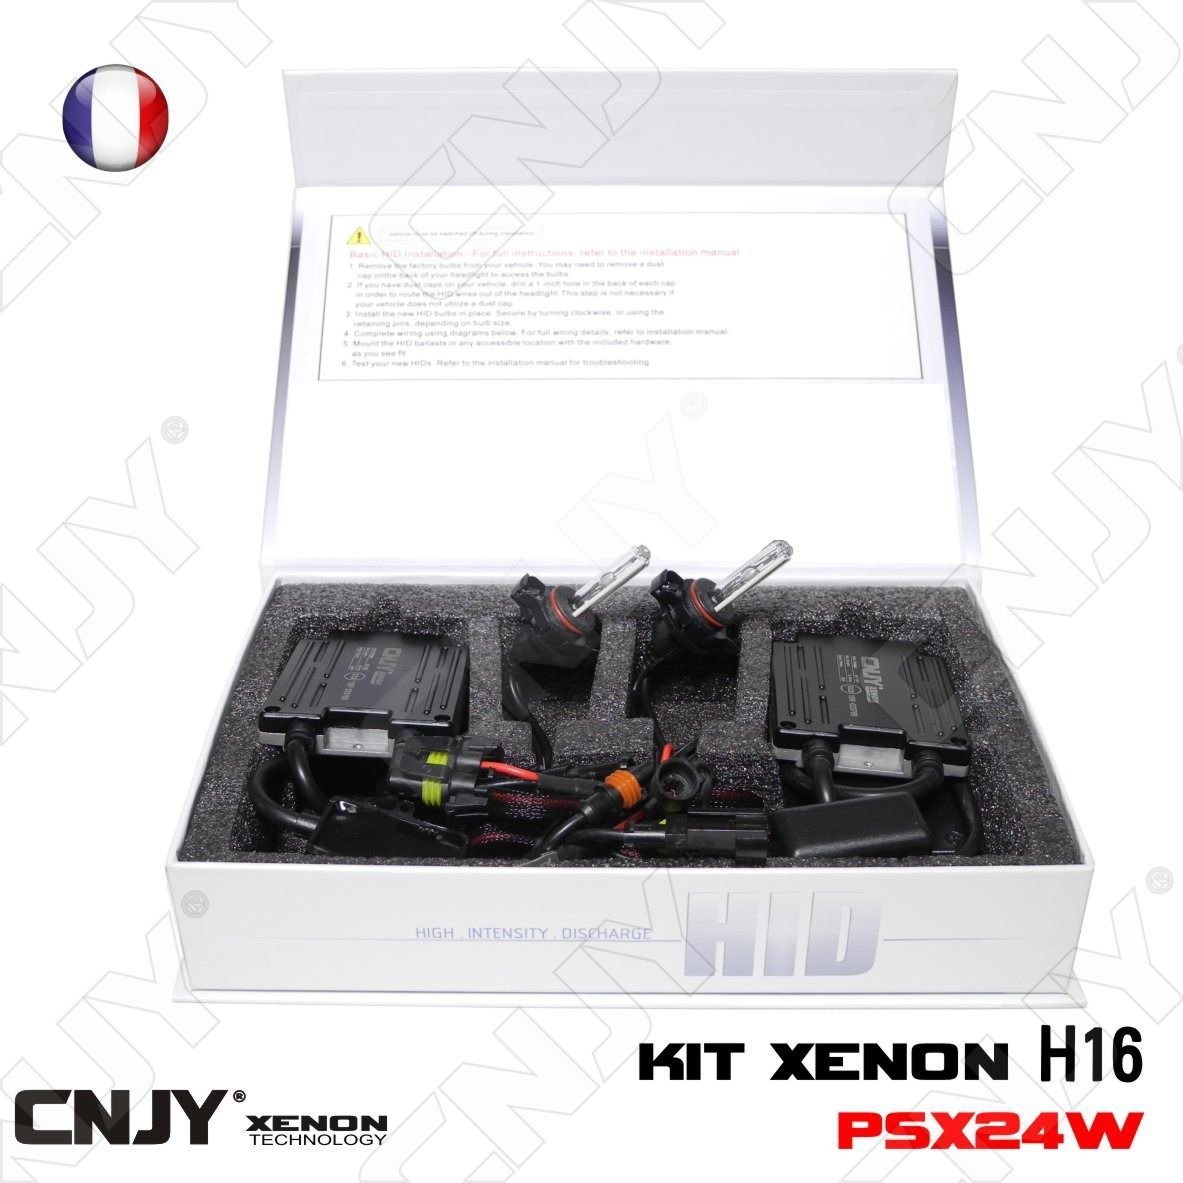 kit de conversion xenon hid h16 psx24w 35w 6000k ultra slim cnjy feux de jour anti brouillard. Black Bedroom Furniture Sets. Home Design Ideas